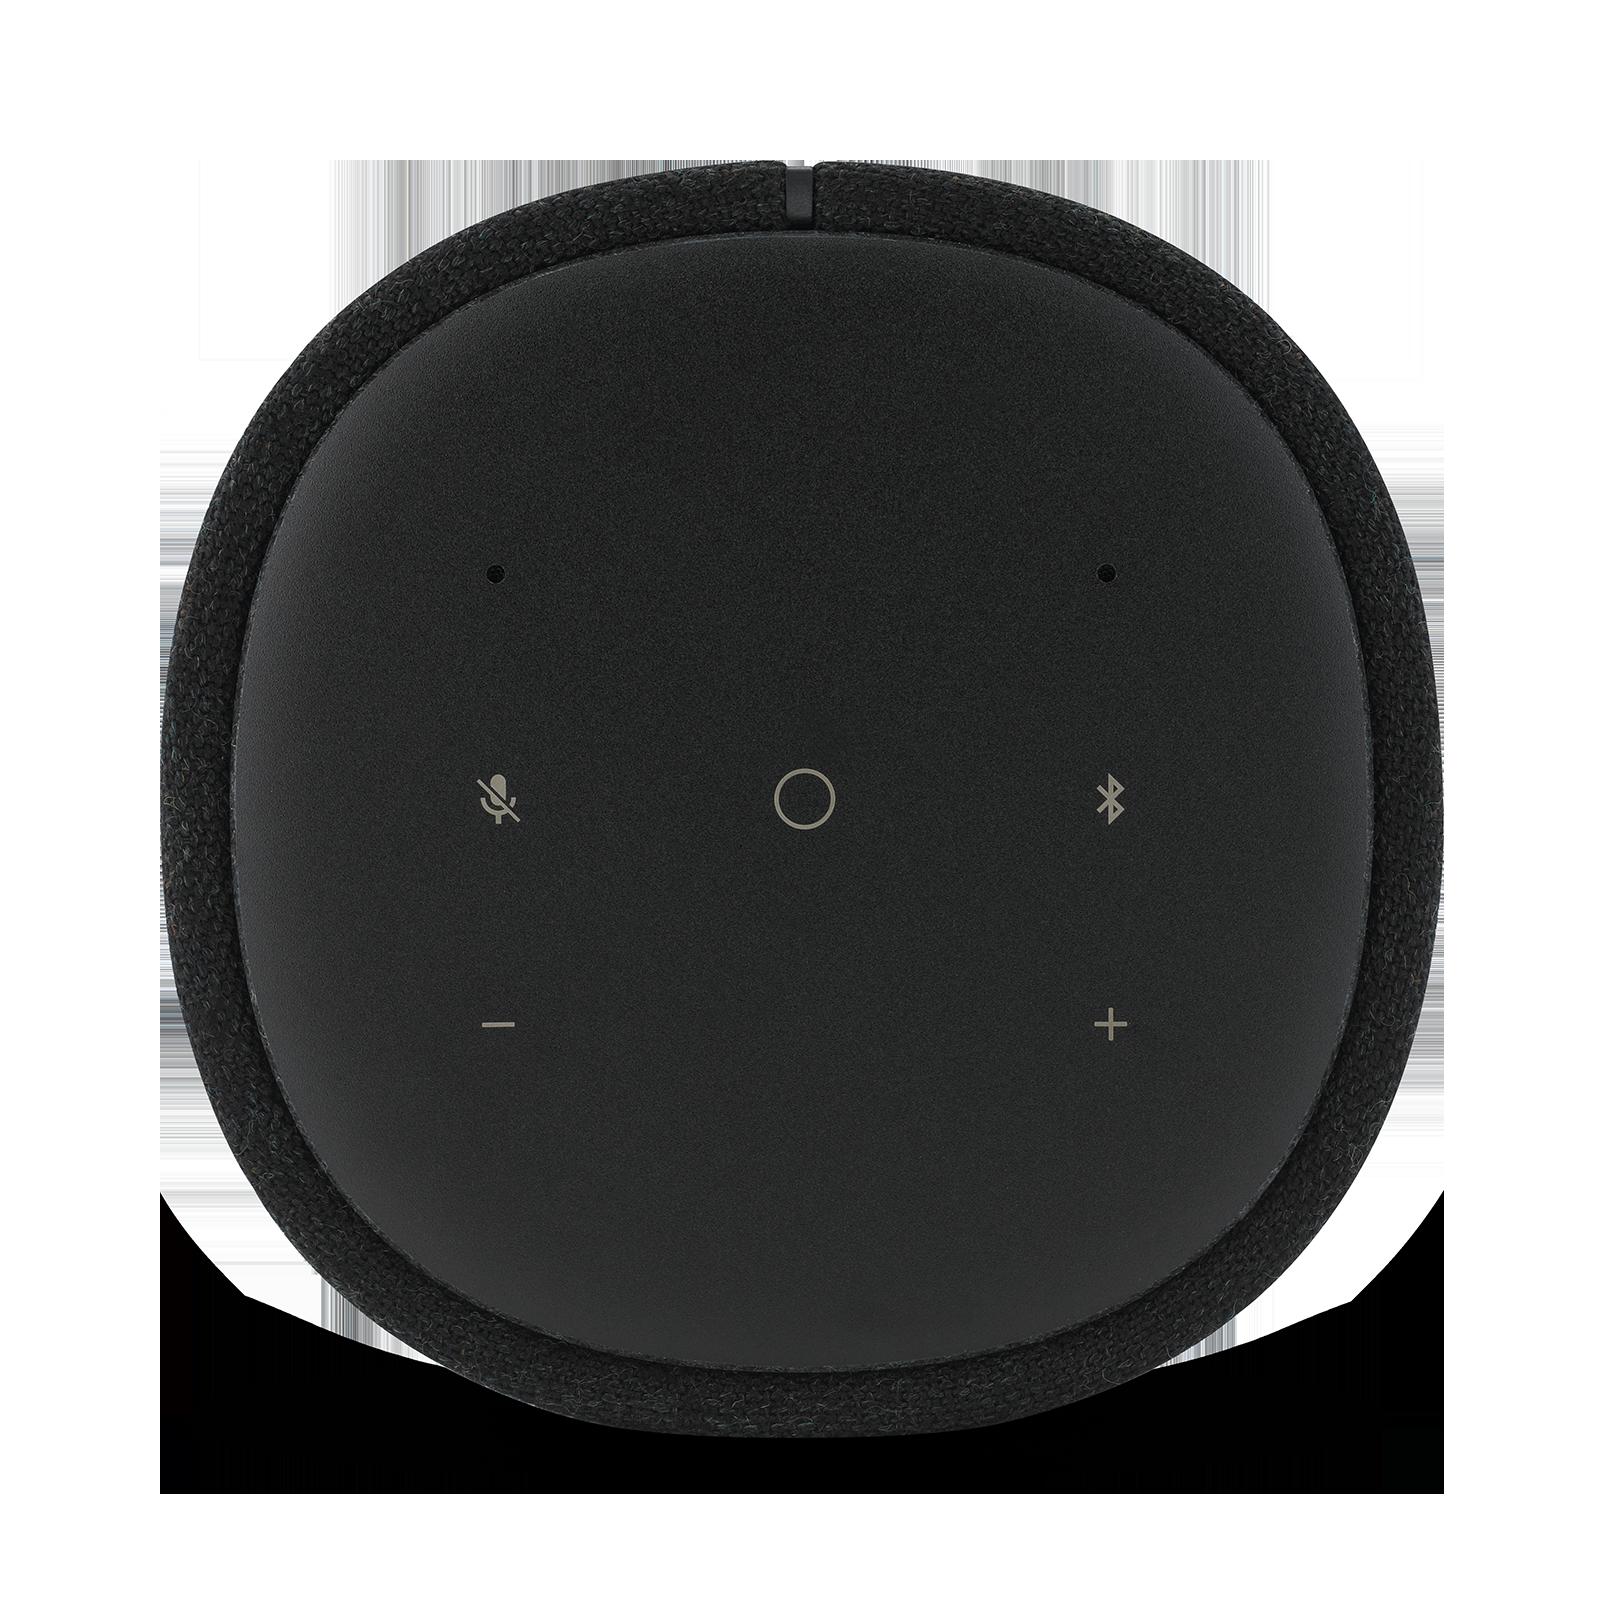 Harman Kardon Citation One MKII - Black - All-in-one smart speaker with room-filling sound - Detailshot 3